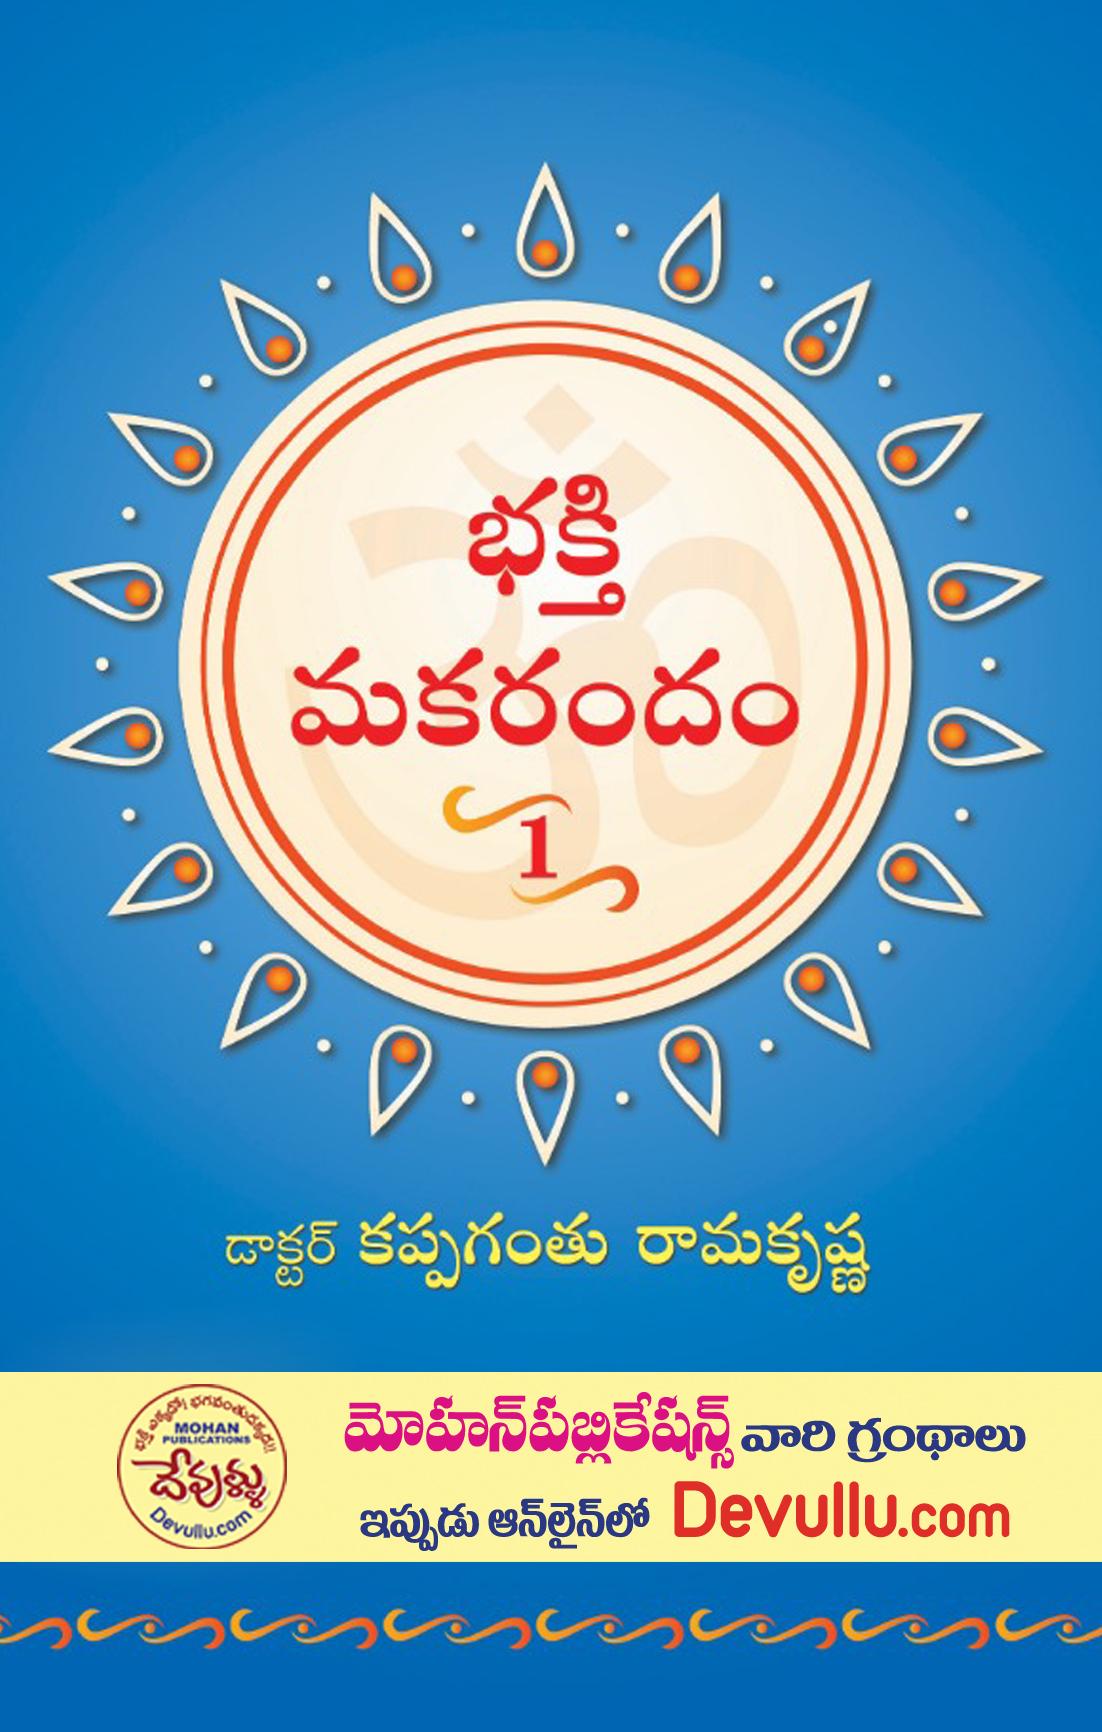 Bhakti Makarandam | భక్తి మకరందం | Makarandam eenadu